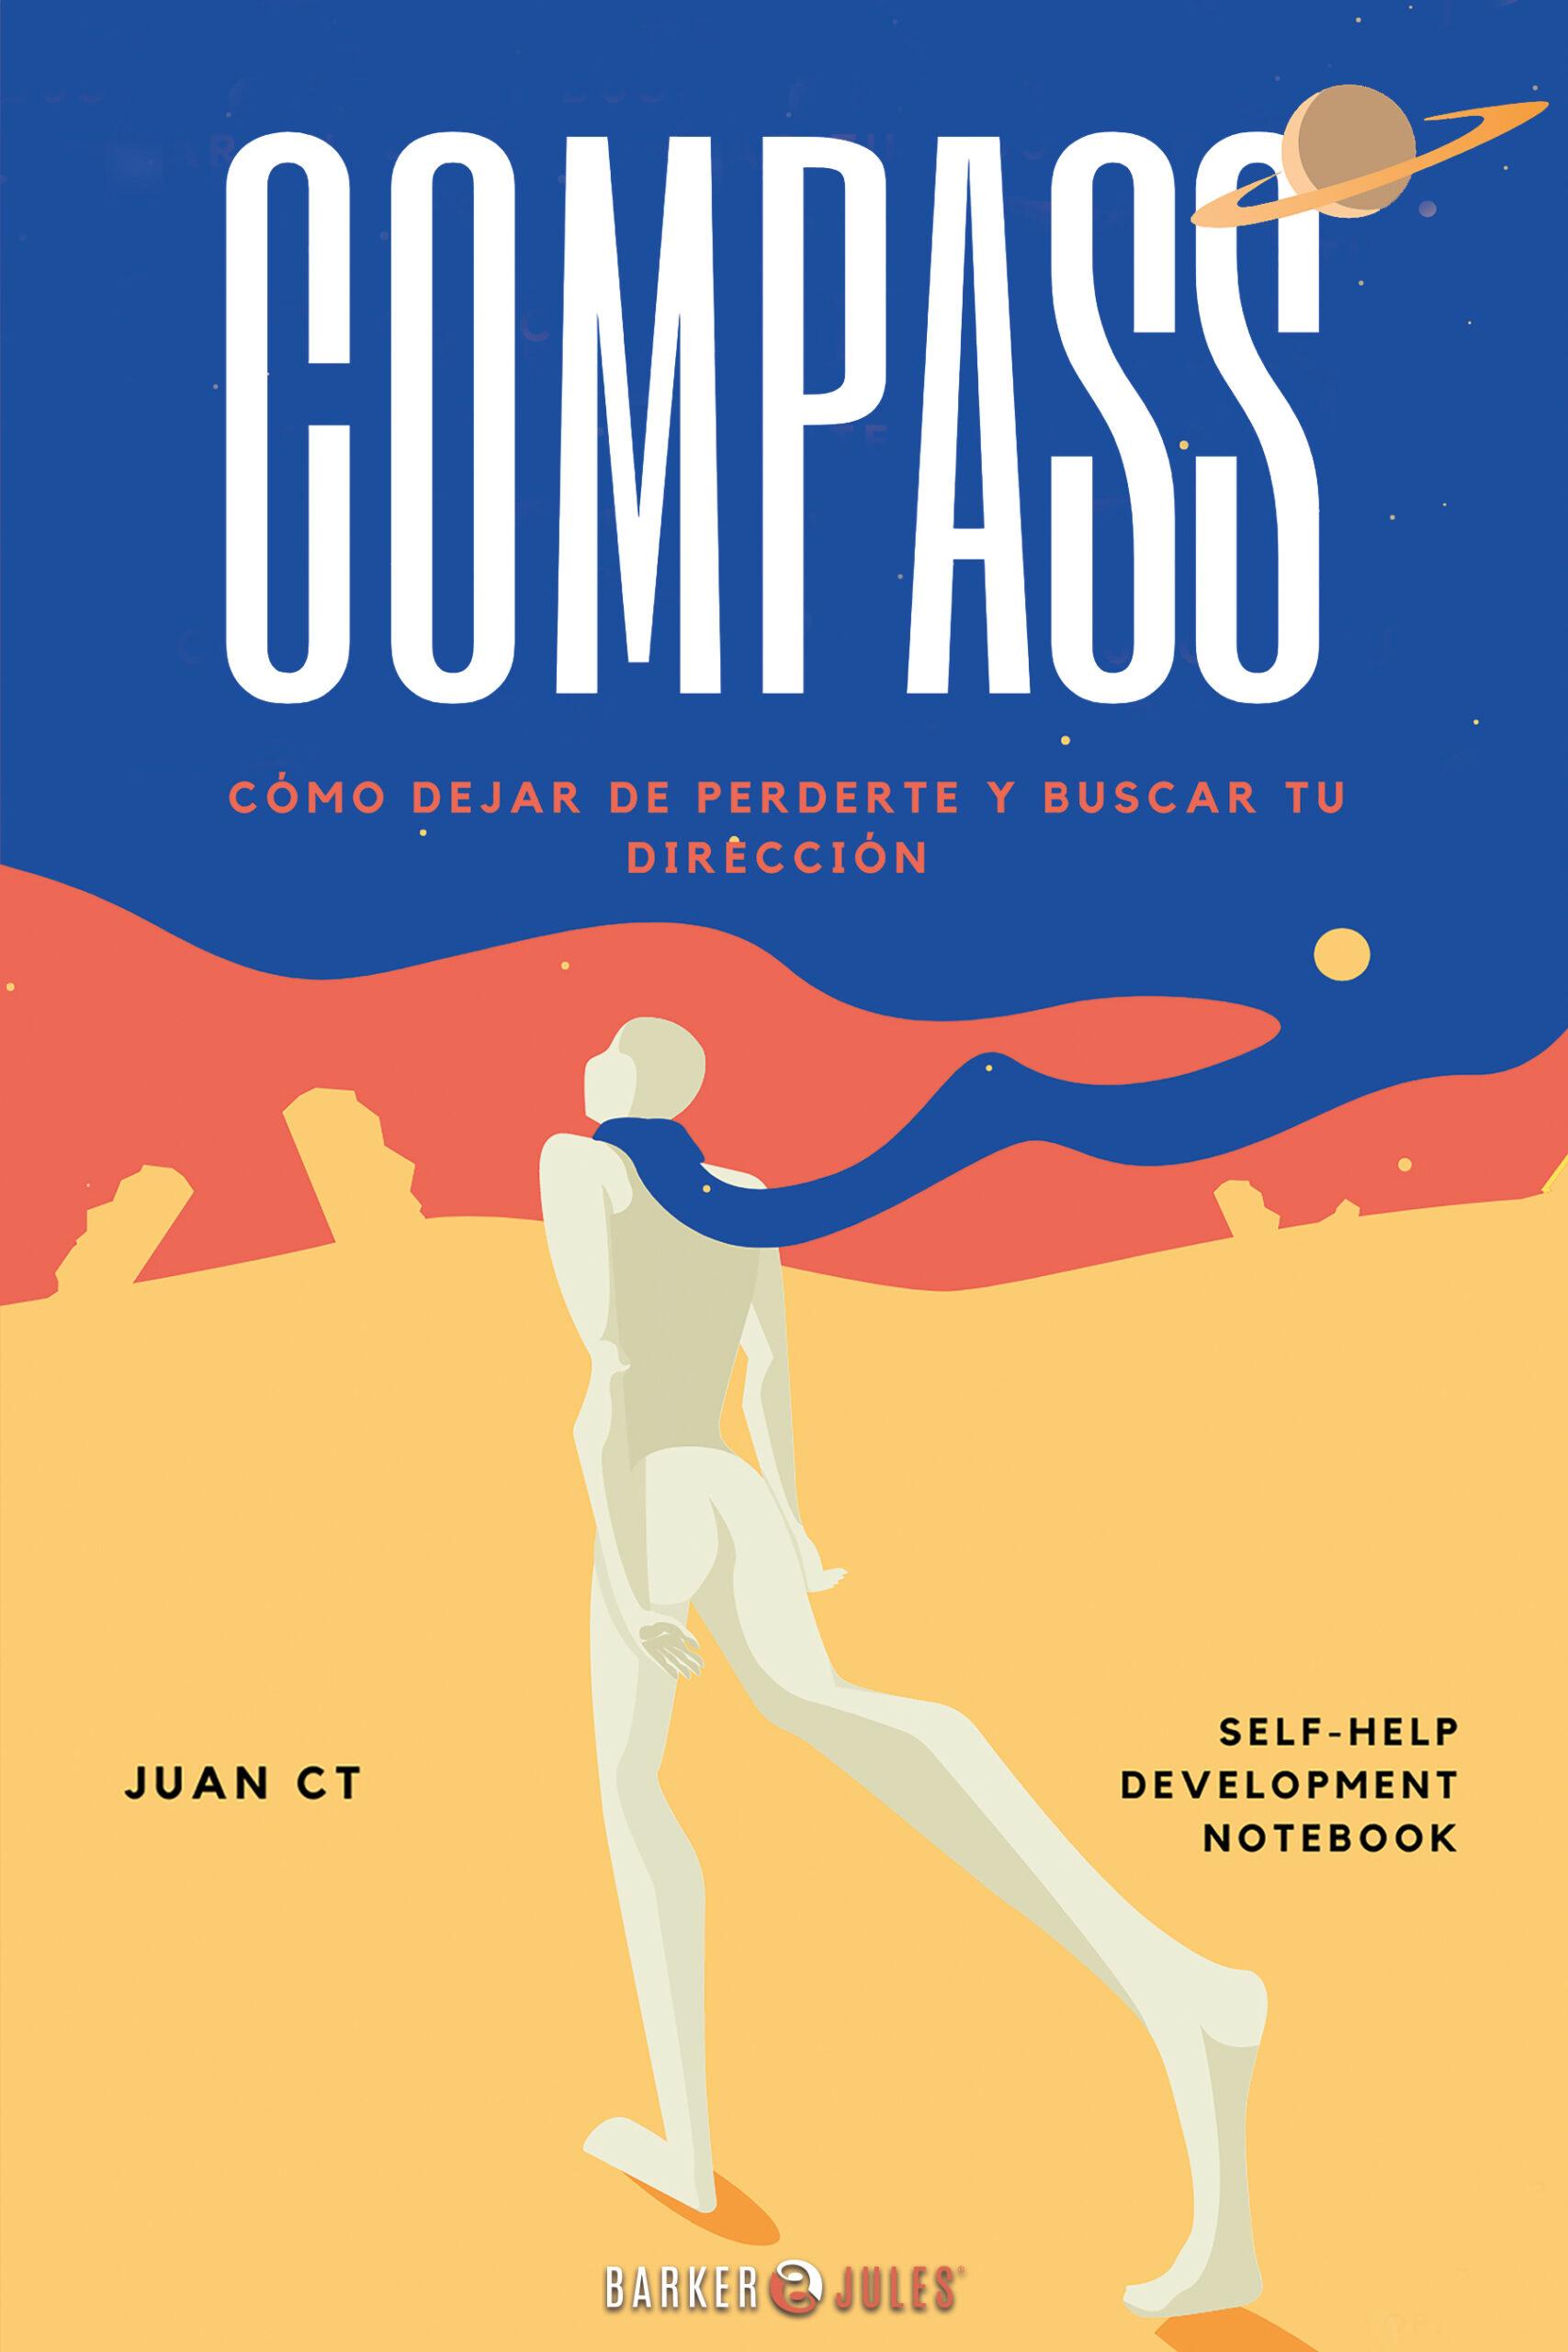 Descarga gratuita: Compass – Cómo dejar de perderte y buscar tu dirección